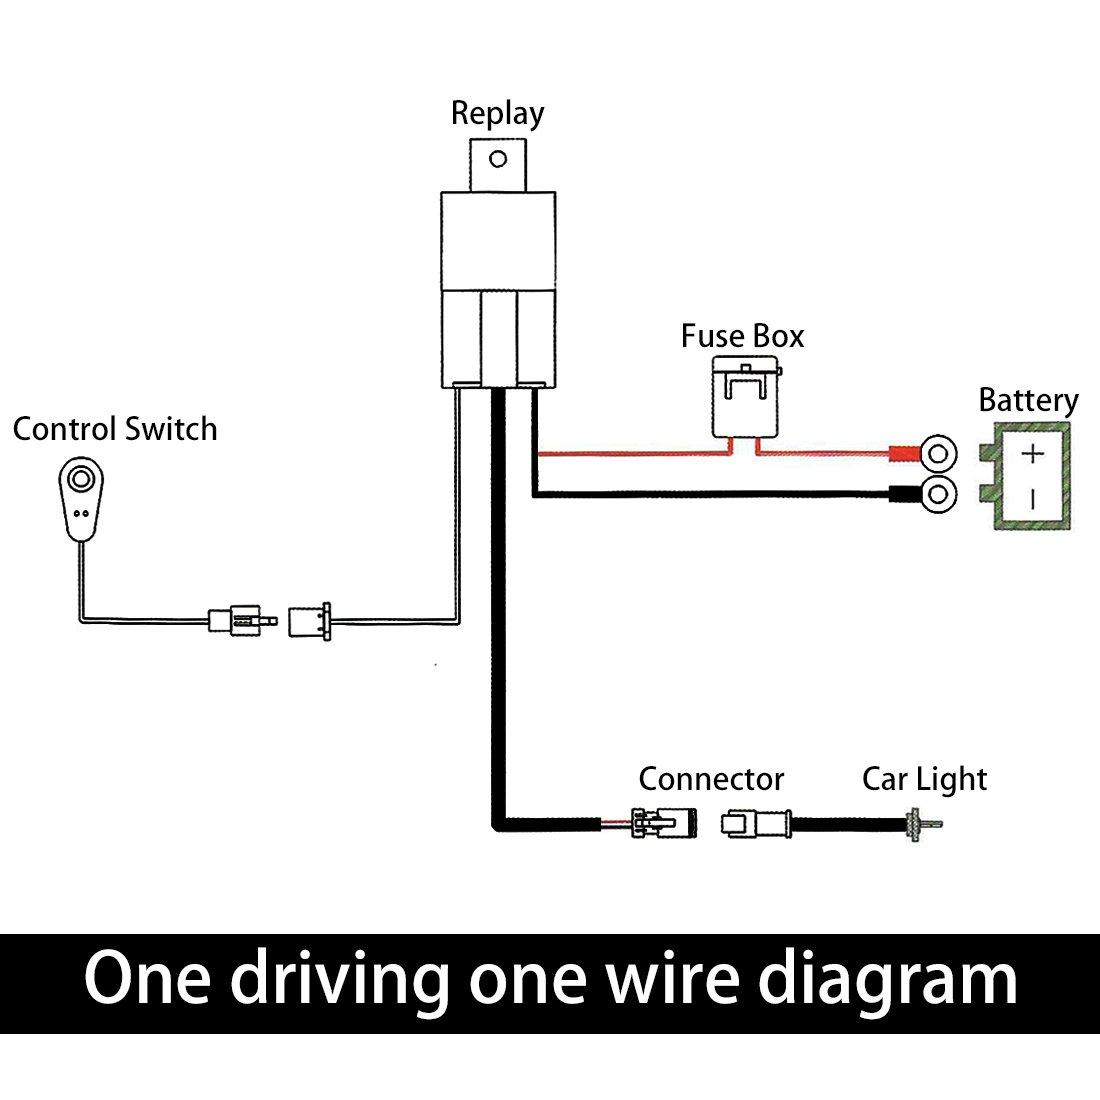 amazon com uxcell 10ft 40a 12v led work fog light bar wiring rh amazon com Led Shop Light Wiring Diagram 12V LED Wiring Diagram